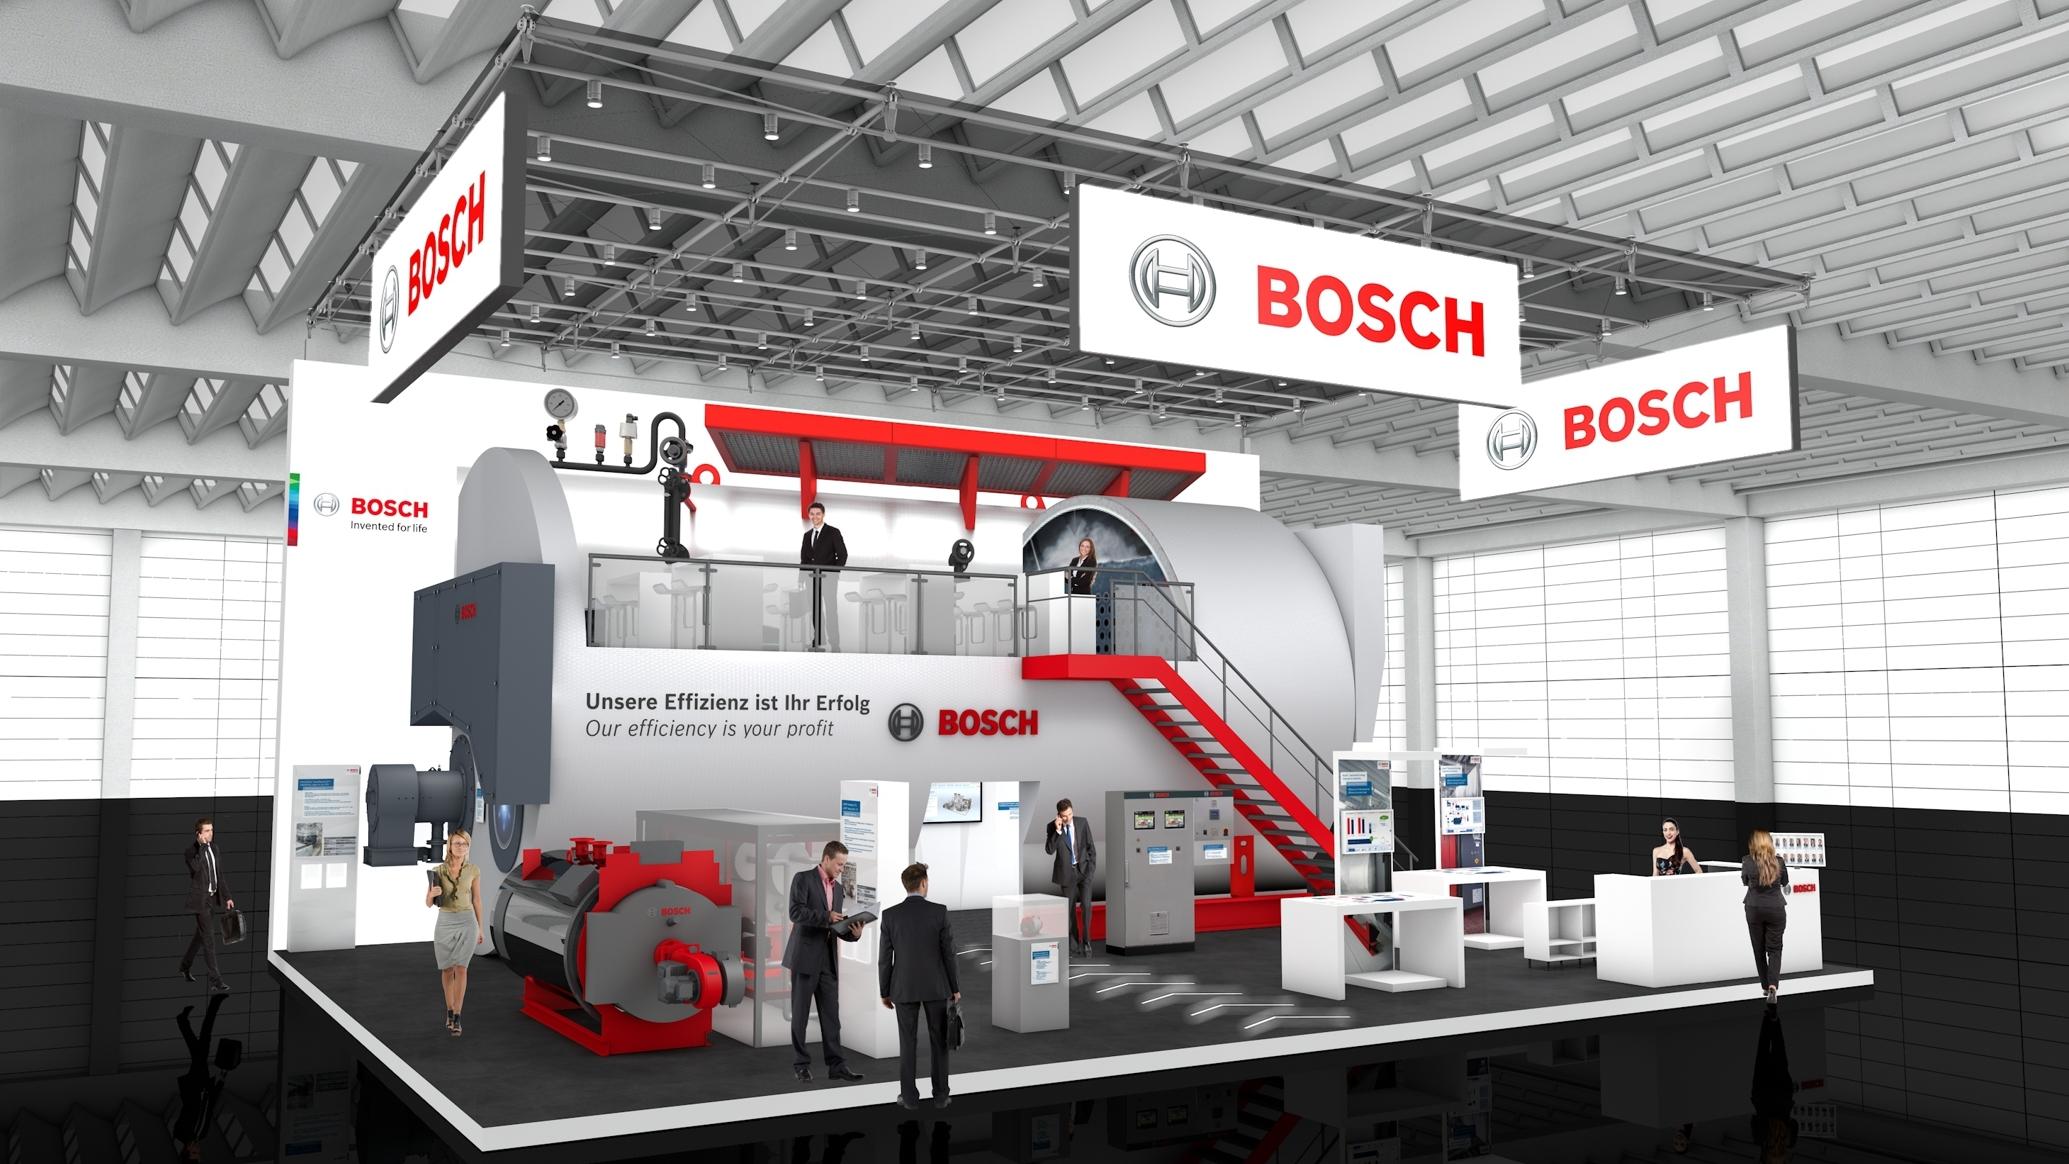 Größter Kessel von Bosch als Messestand-Highlight - Bosch Media Service